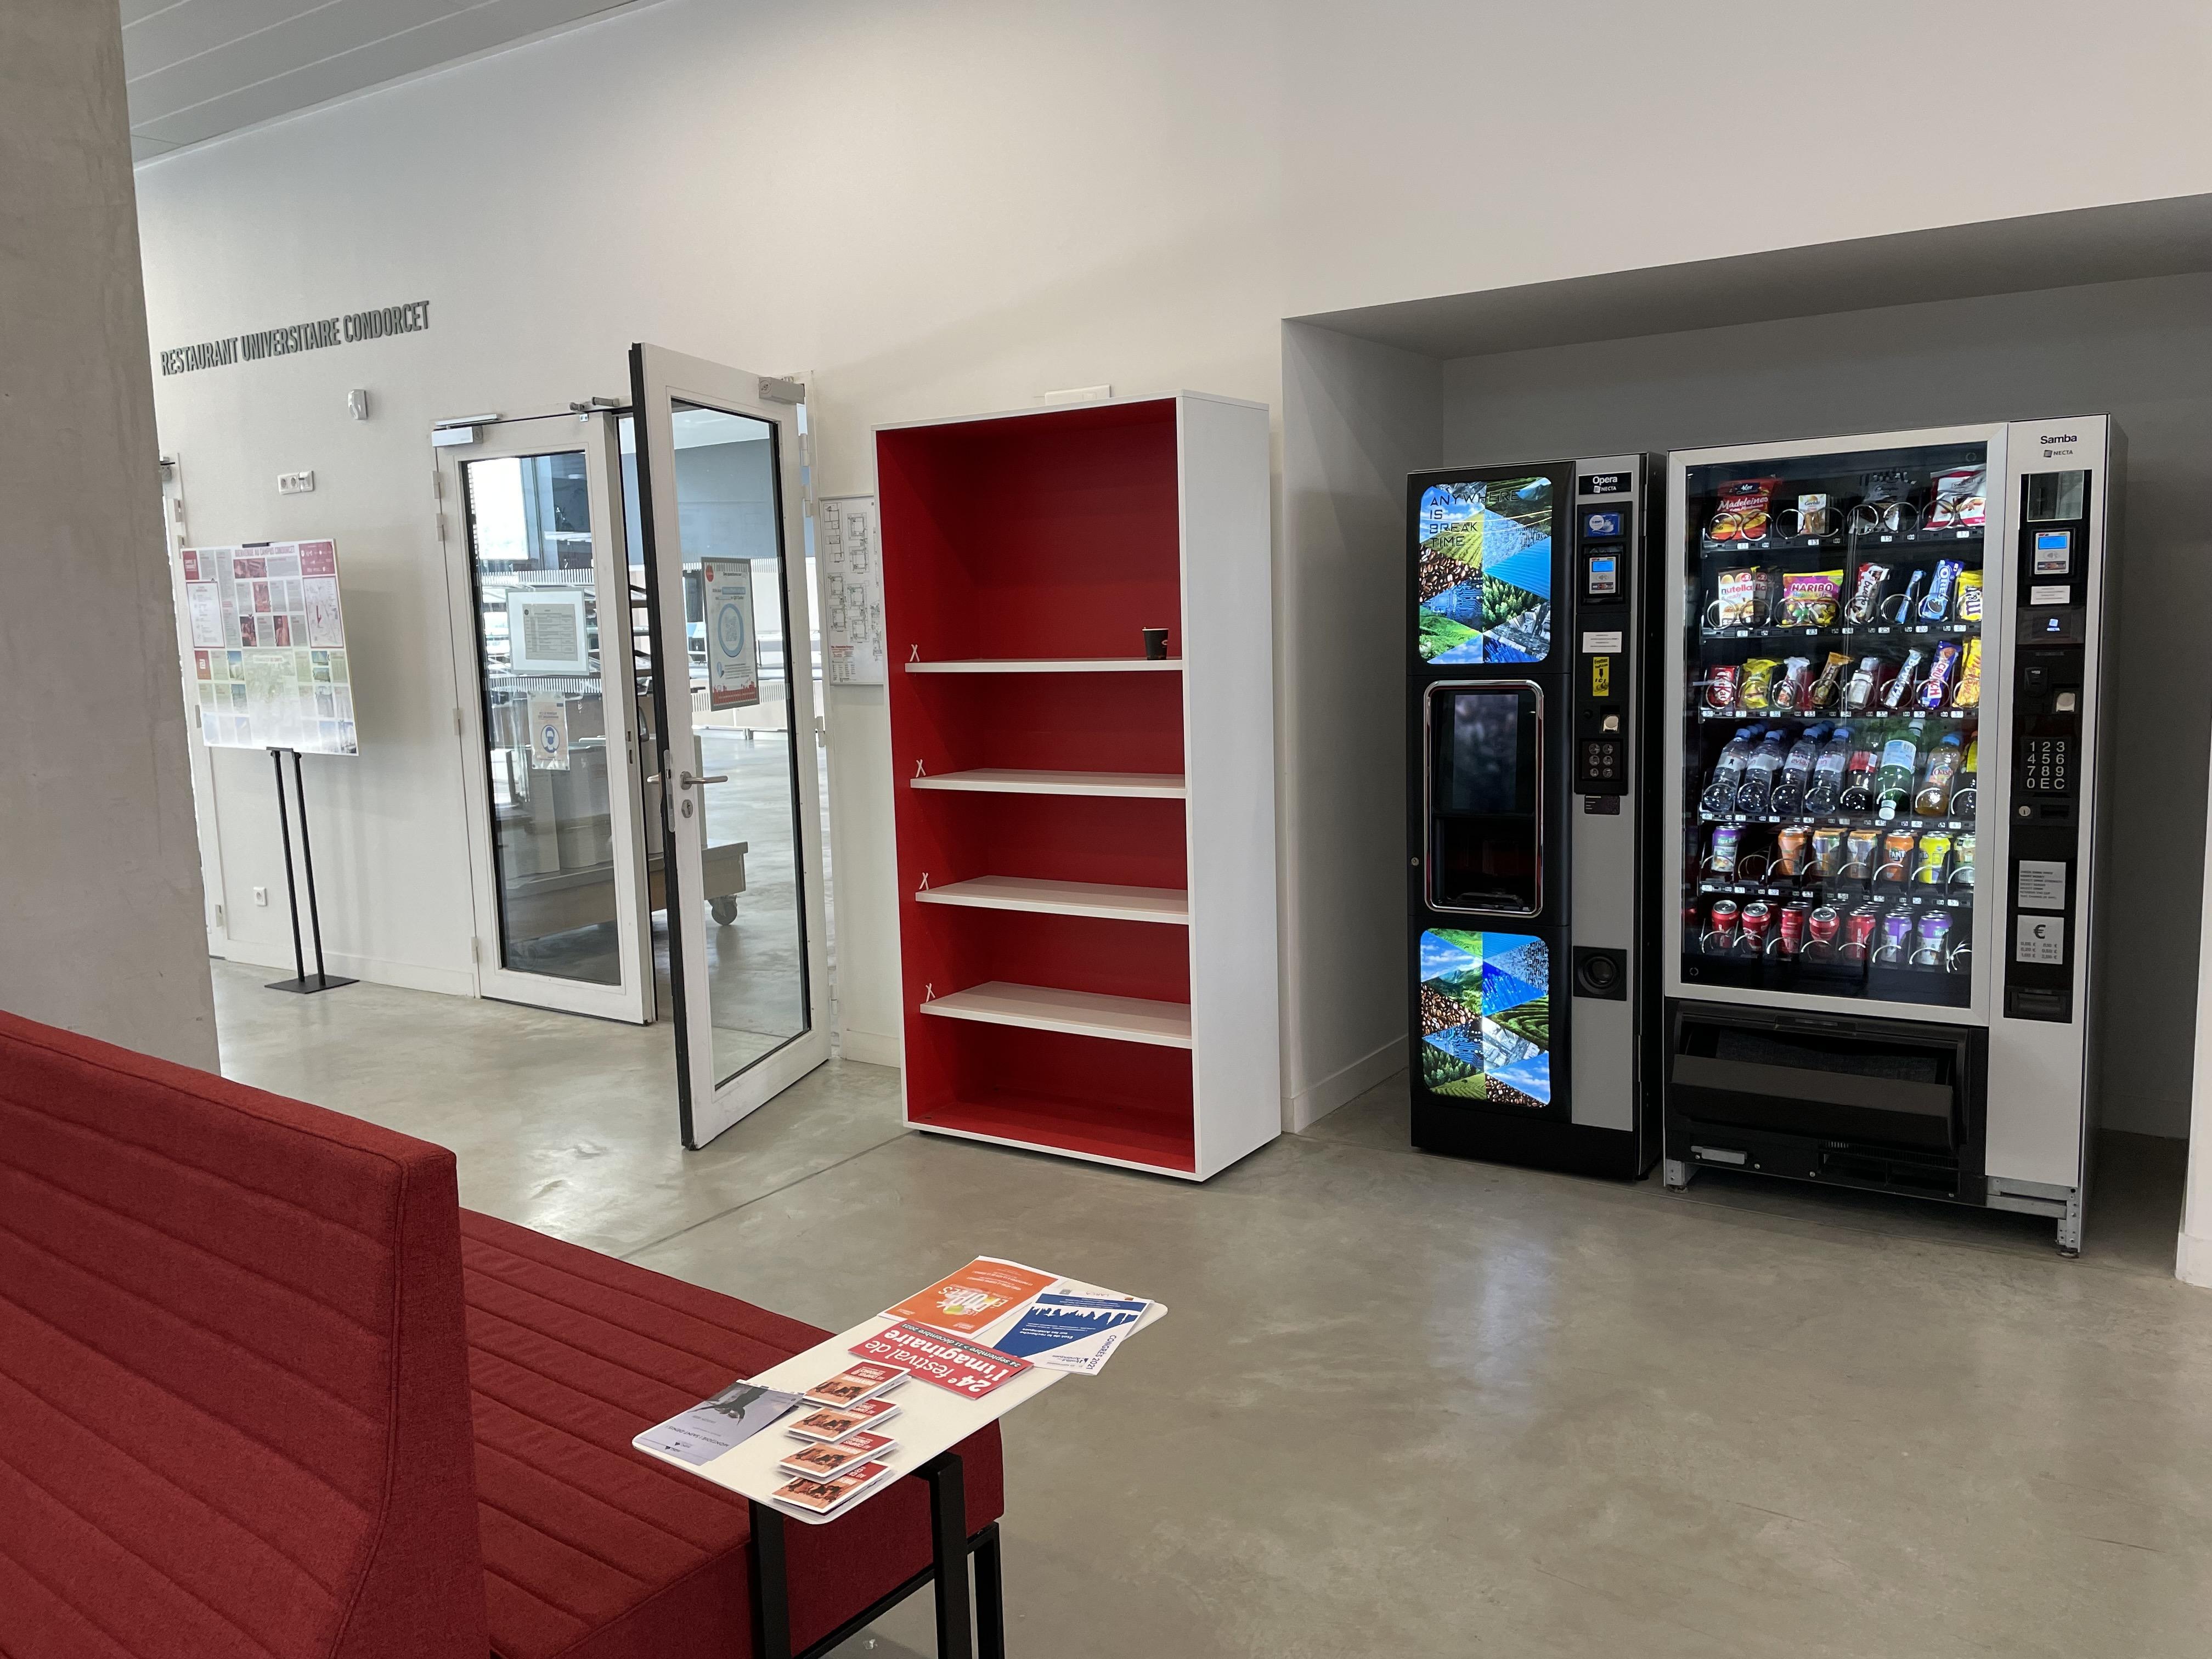 Machine à cafés et distributeurs de confiseries et boissons dans le bâtiment de recherche nord